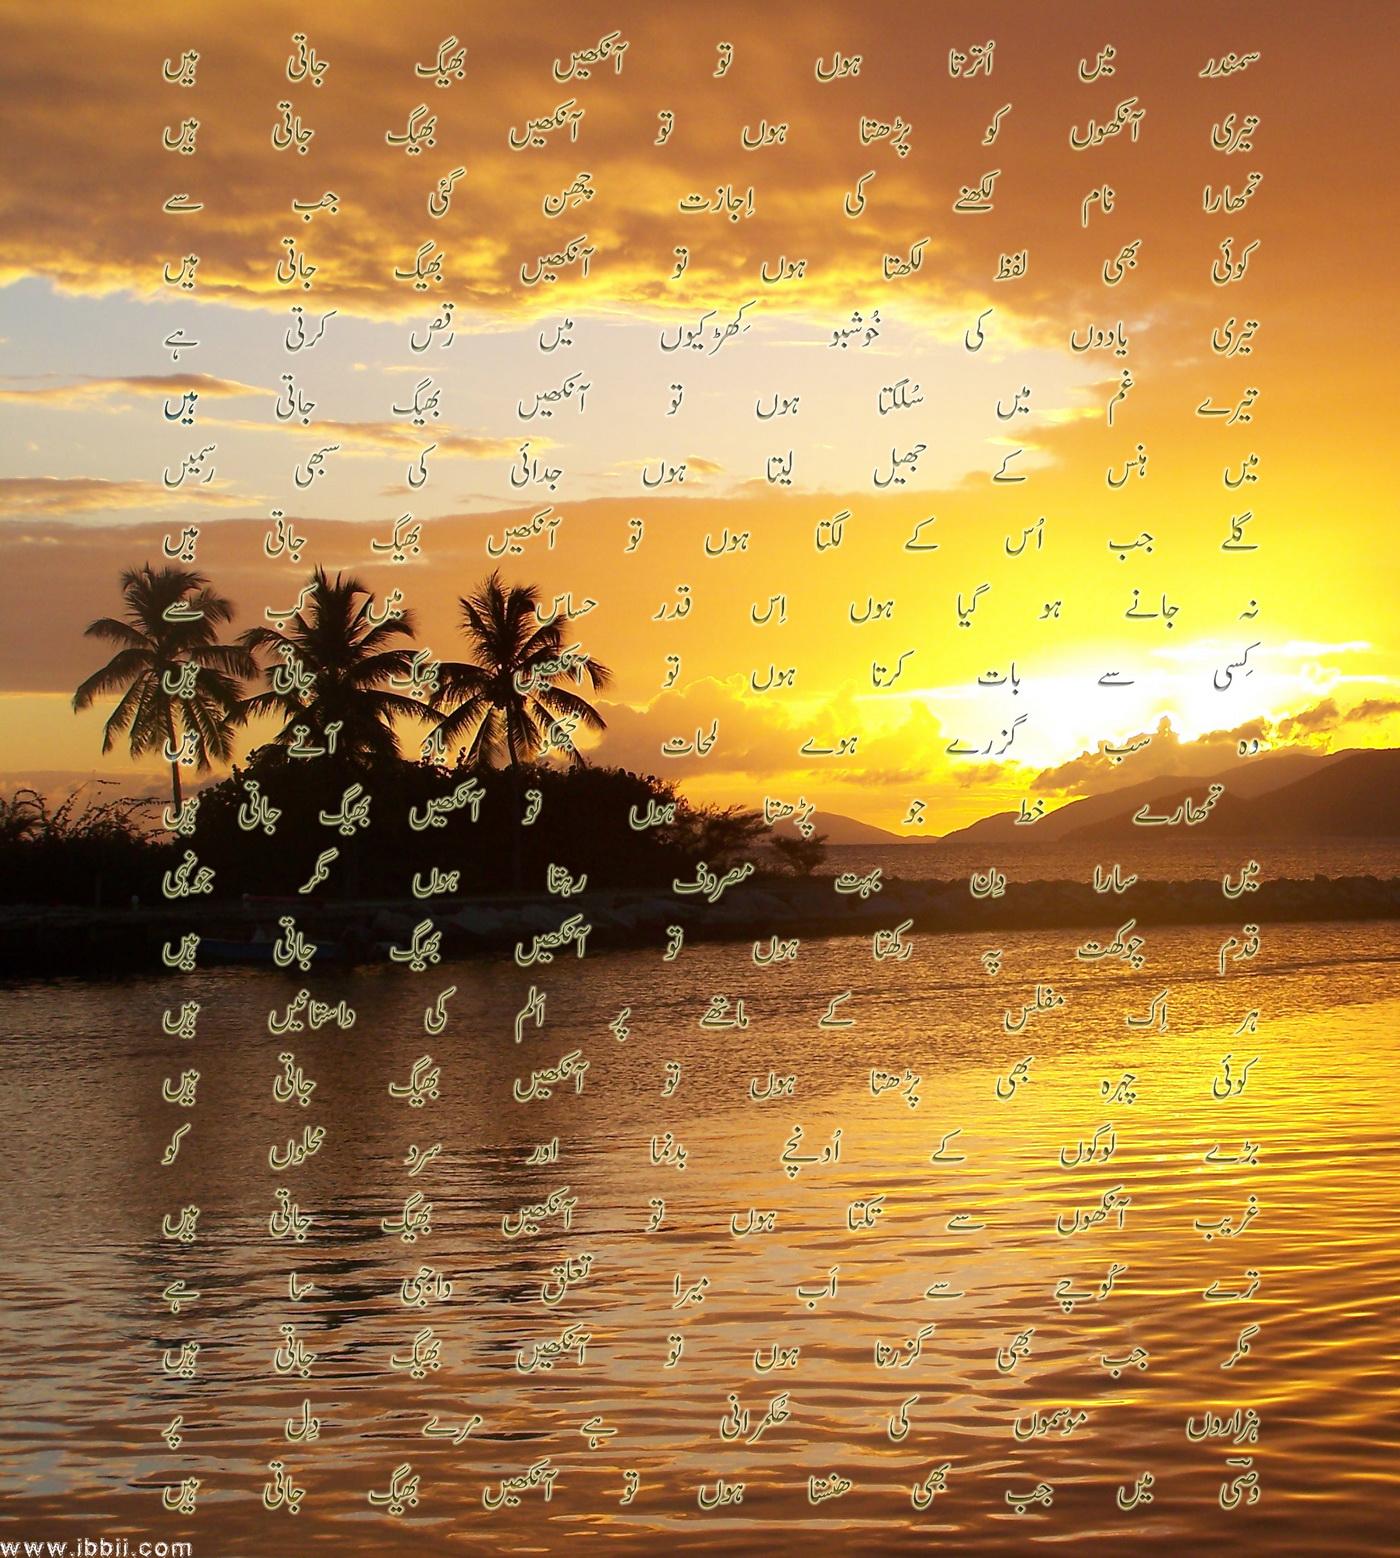 http://2.bp.blogspot.com/-1_bCcdoV-Z0/UQQSPQO7JLI/AAAAAAAAMtI/MlG9E6ixHBw/s1600/wasi-shah.jpg